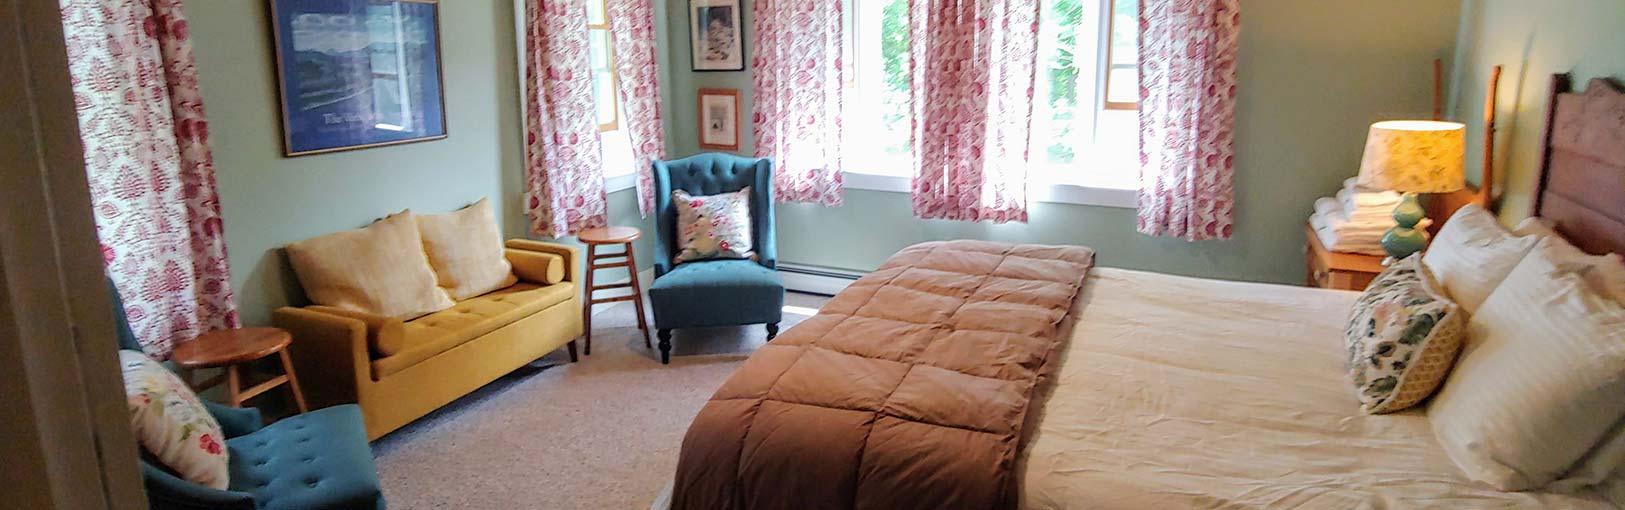 Keene Valley Lodge bedroom